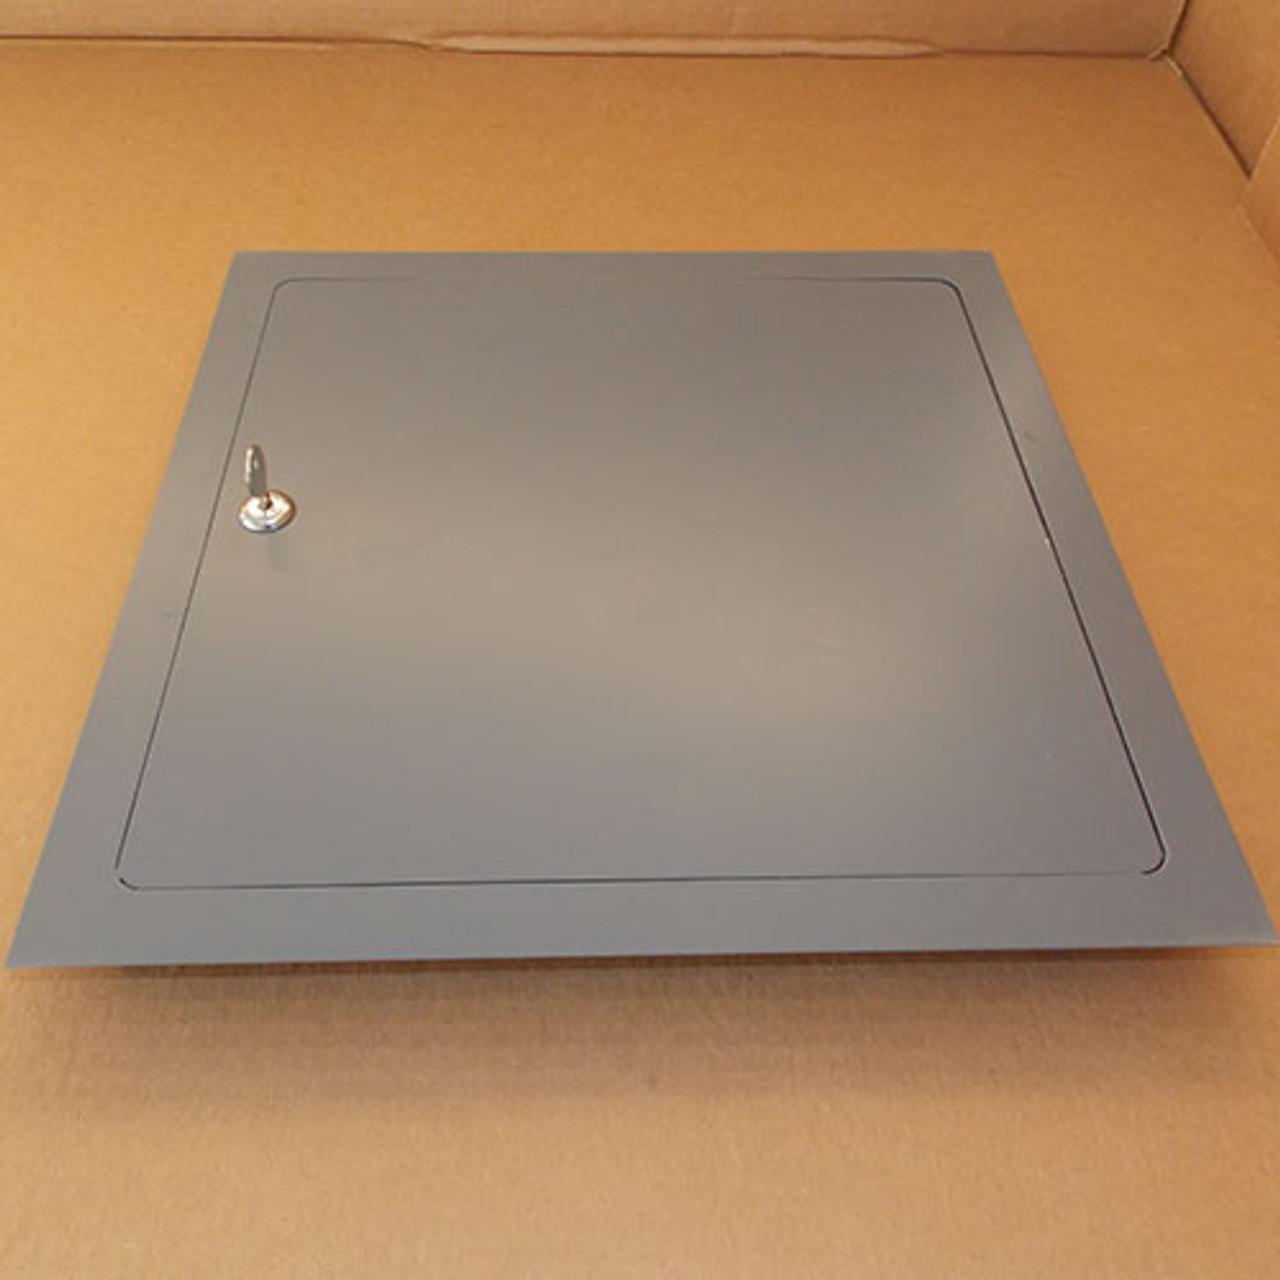 Elmdor 14x14 Access Door Type DW Cylinder Lock Prime Coat - New